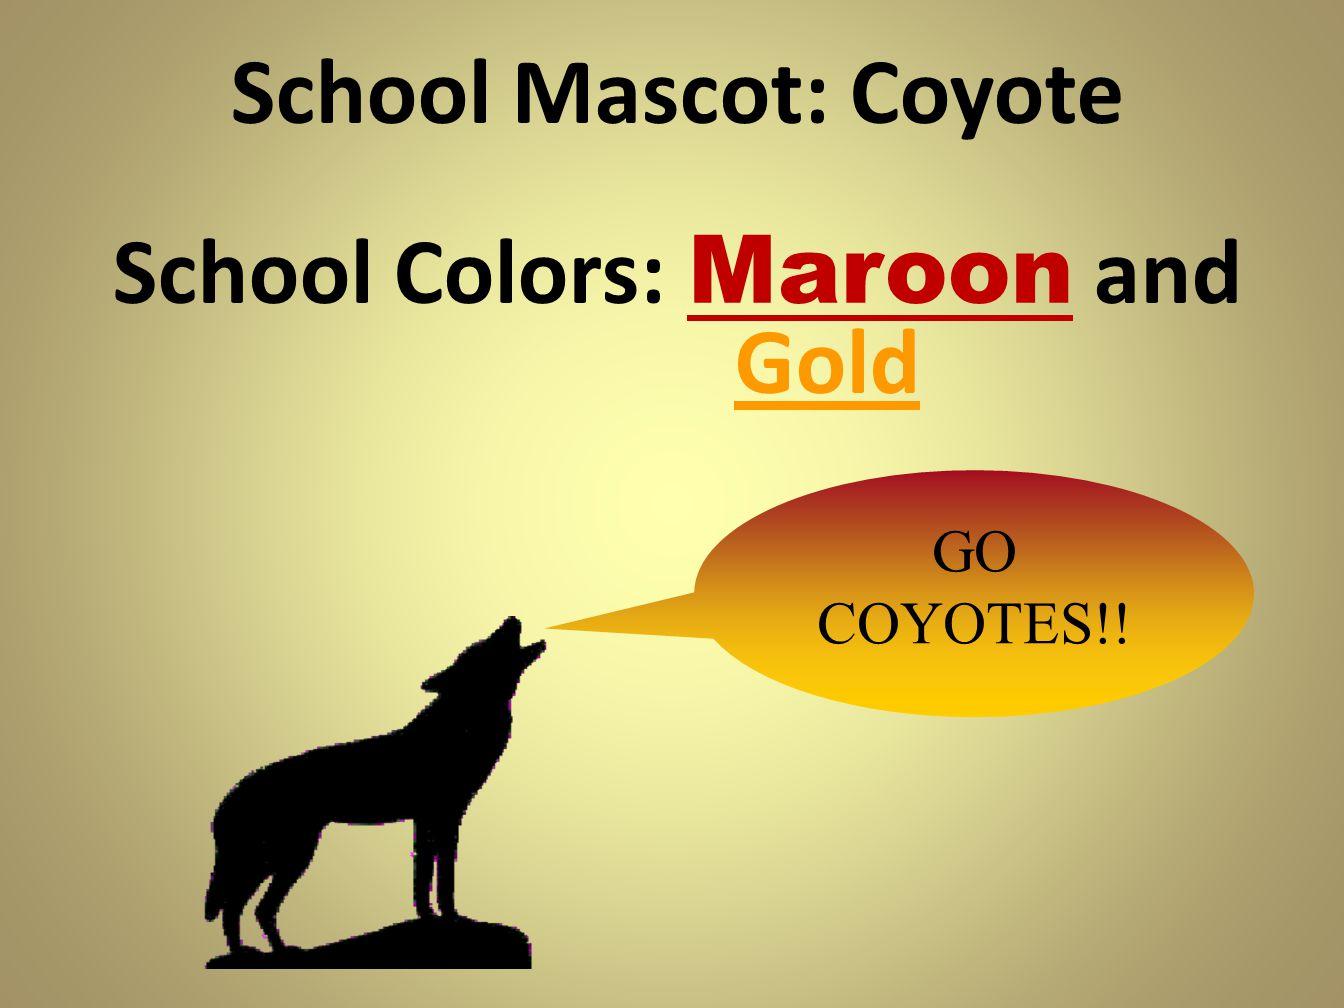 School Mascot: Coyote School Colors: Maroon and Gold GO COYOTES!!